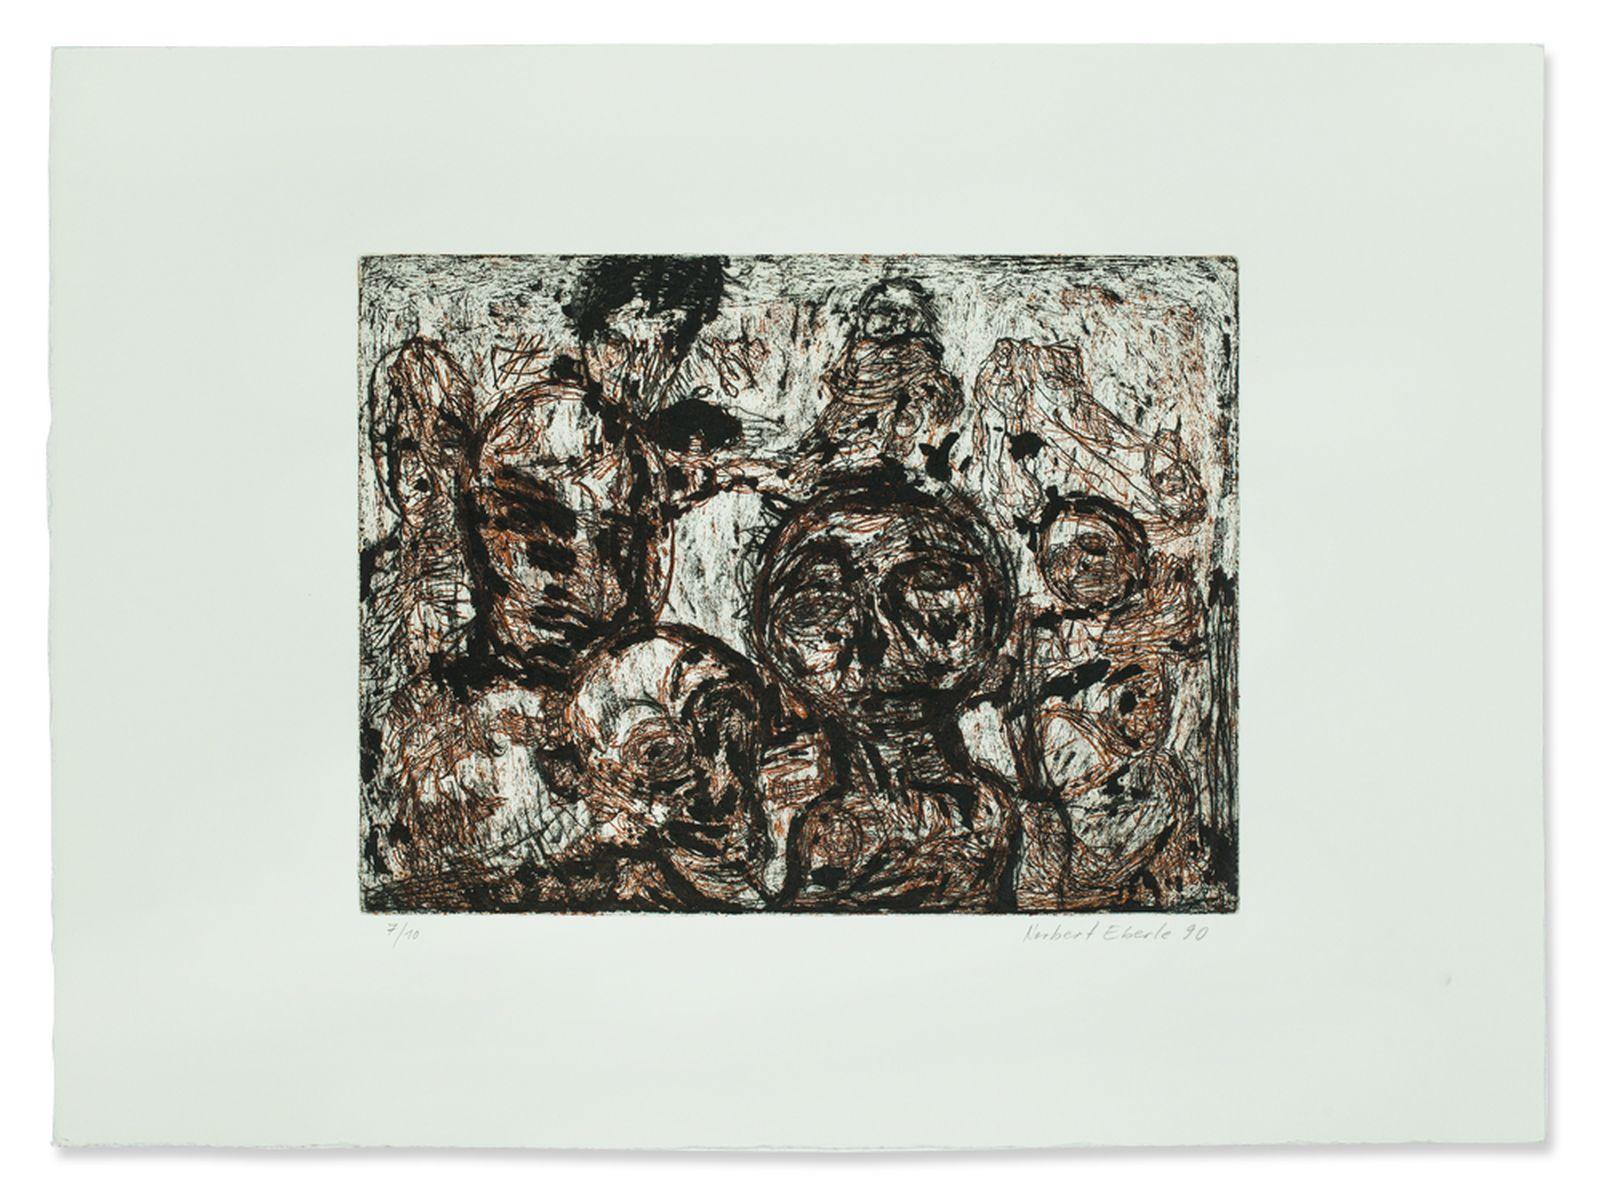 #129 Norbert Eberle, Color Etching of Heads, Germany, 1990 | Norbert Eberle (geb. 1954), Farbradierung, Köpfe, 1990 Image